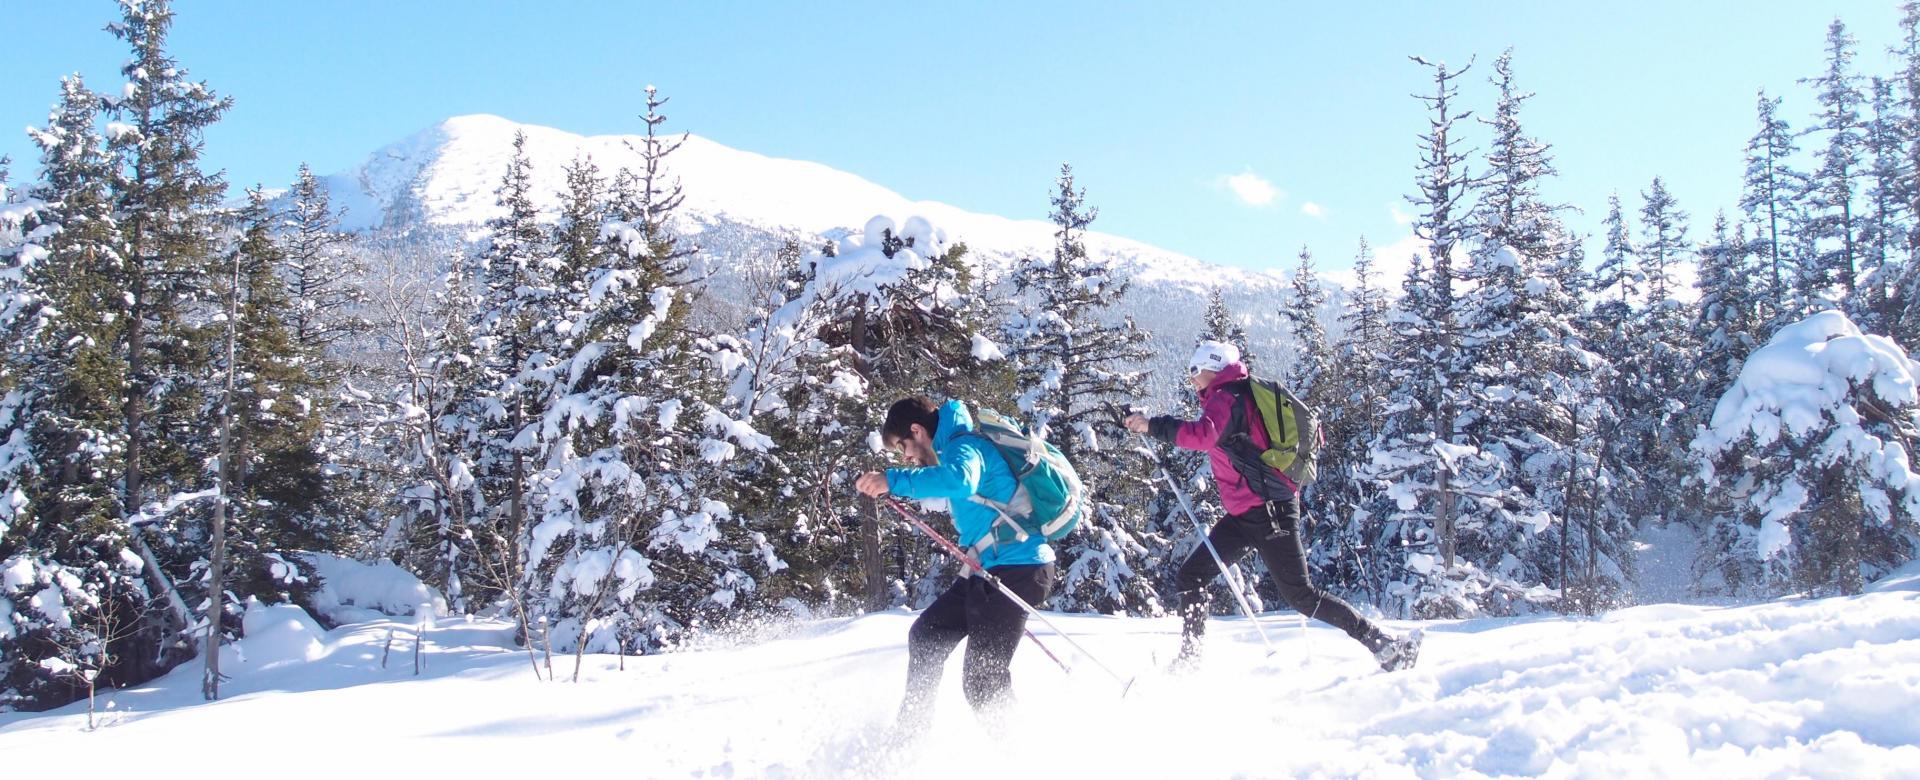 Voyage à la neige : Détente hivernale en vercors